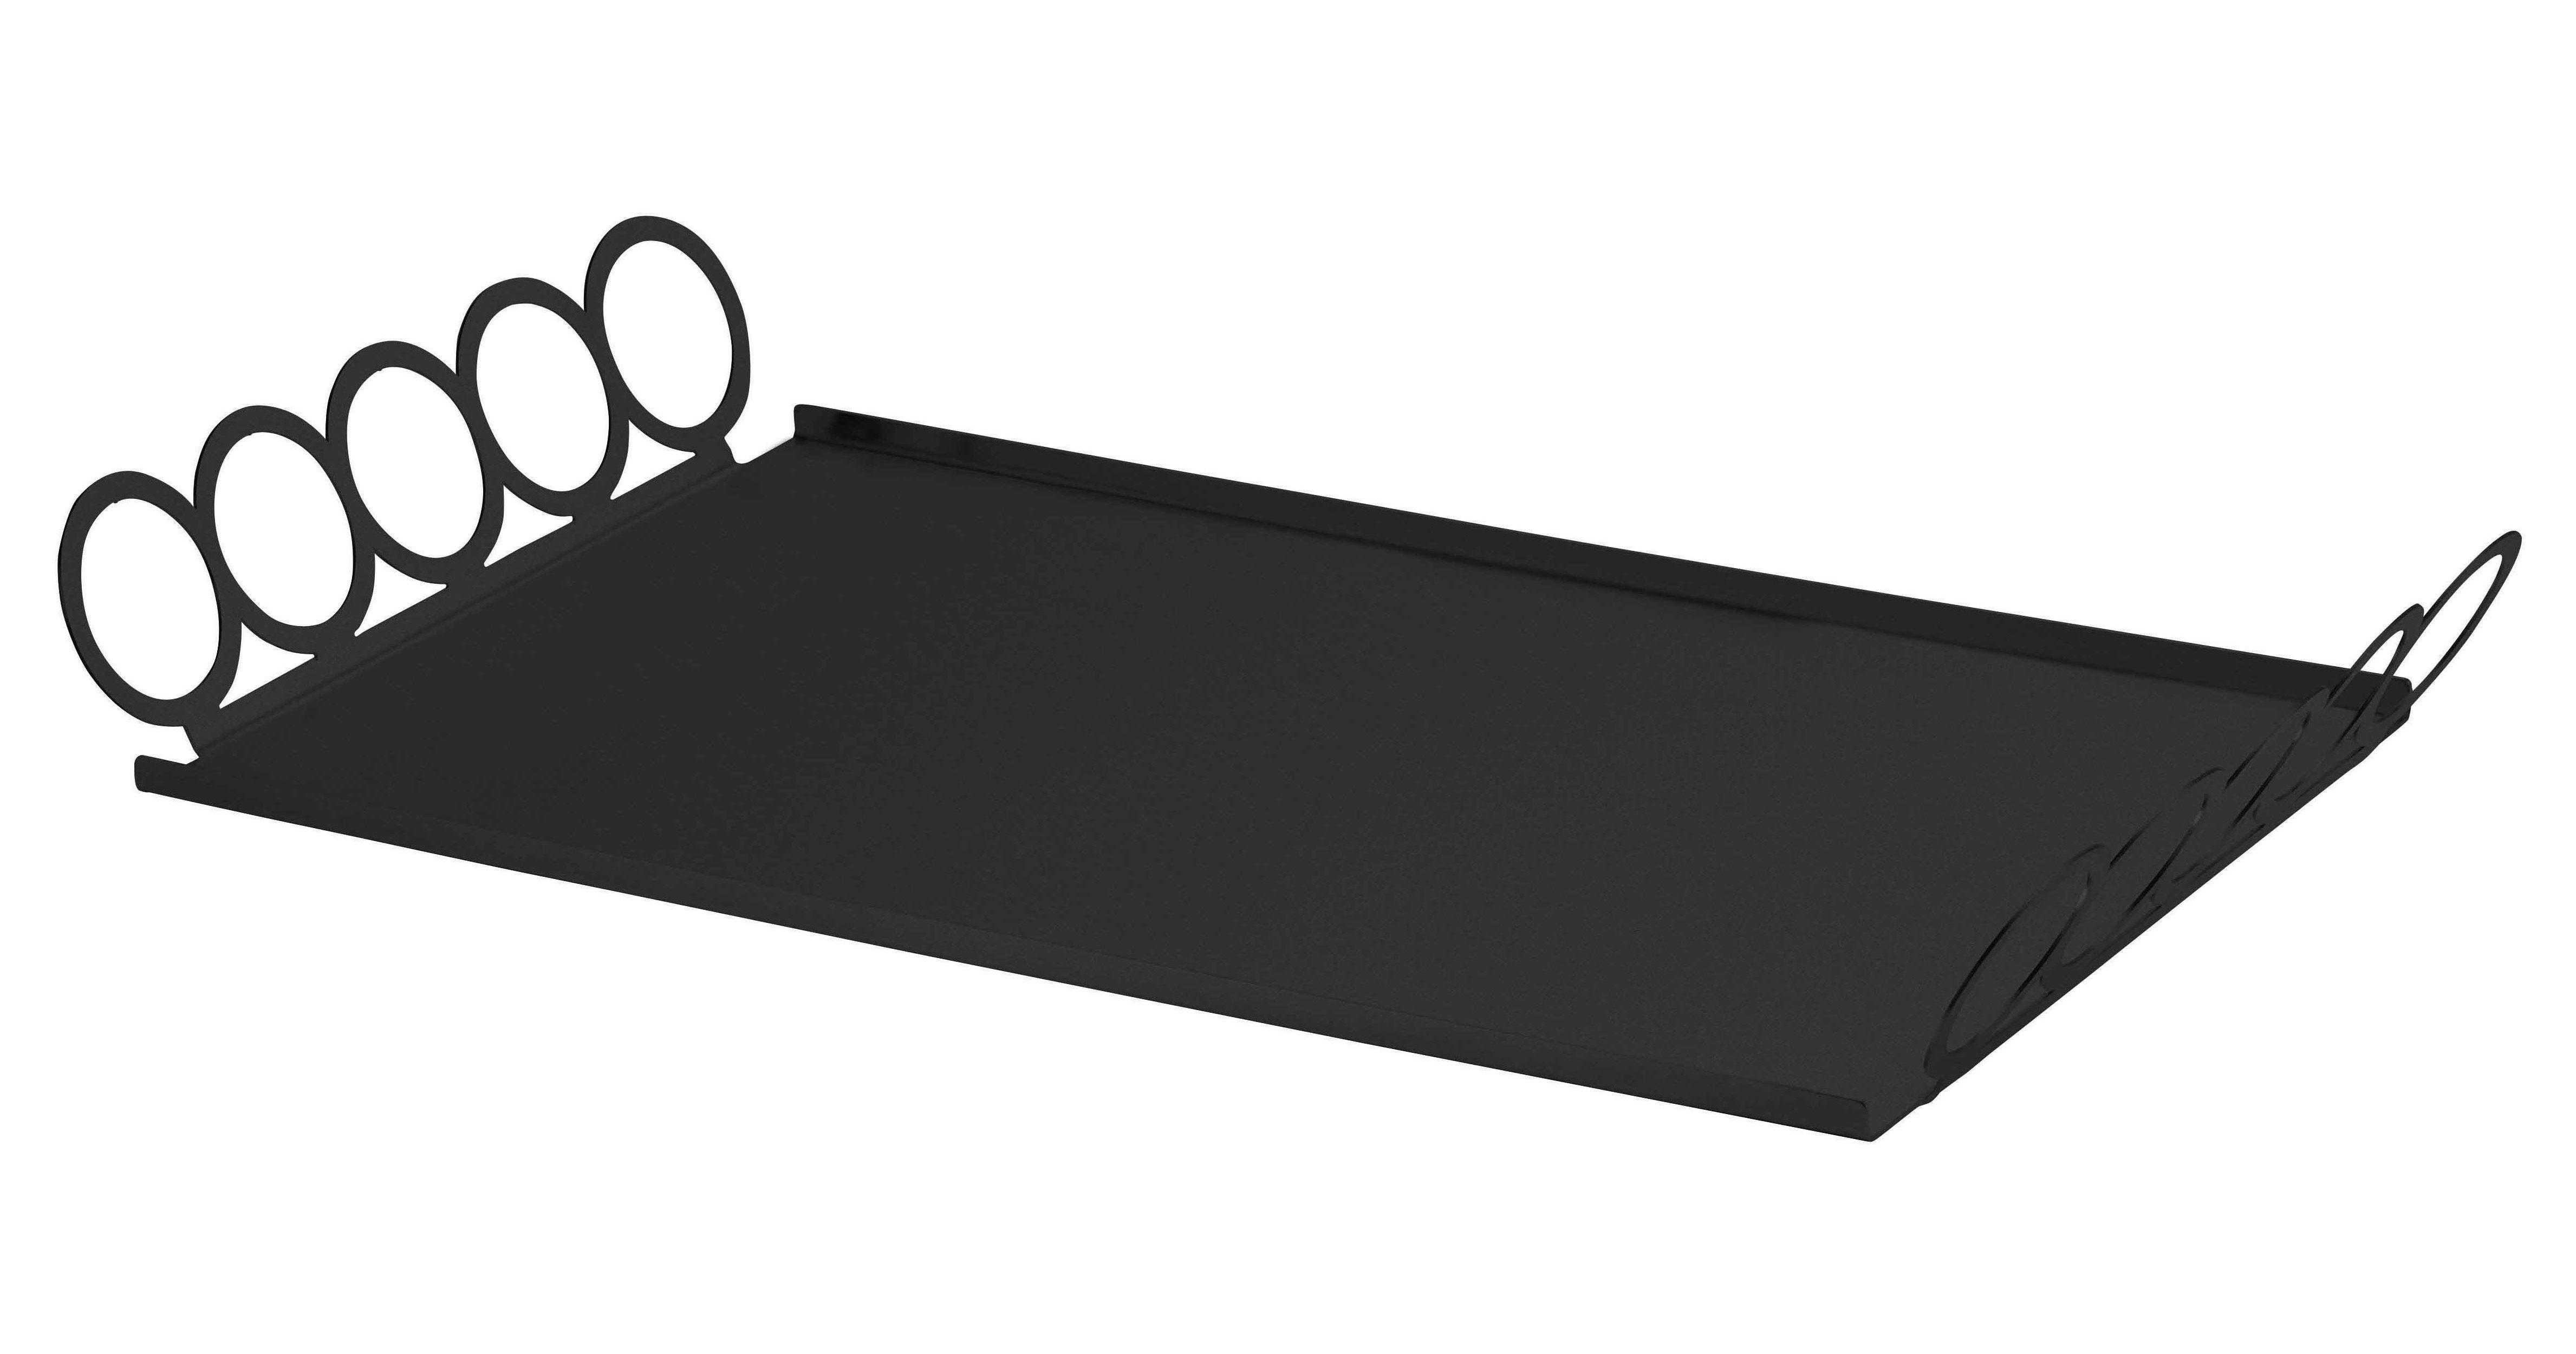 Arts de la table - Plateaux - Plateau Giocorotondo / 46,5 x 26 cm - Serafino Zani - Acier noir - Acier inoxydable